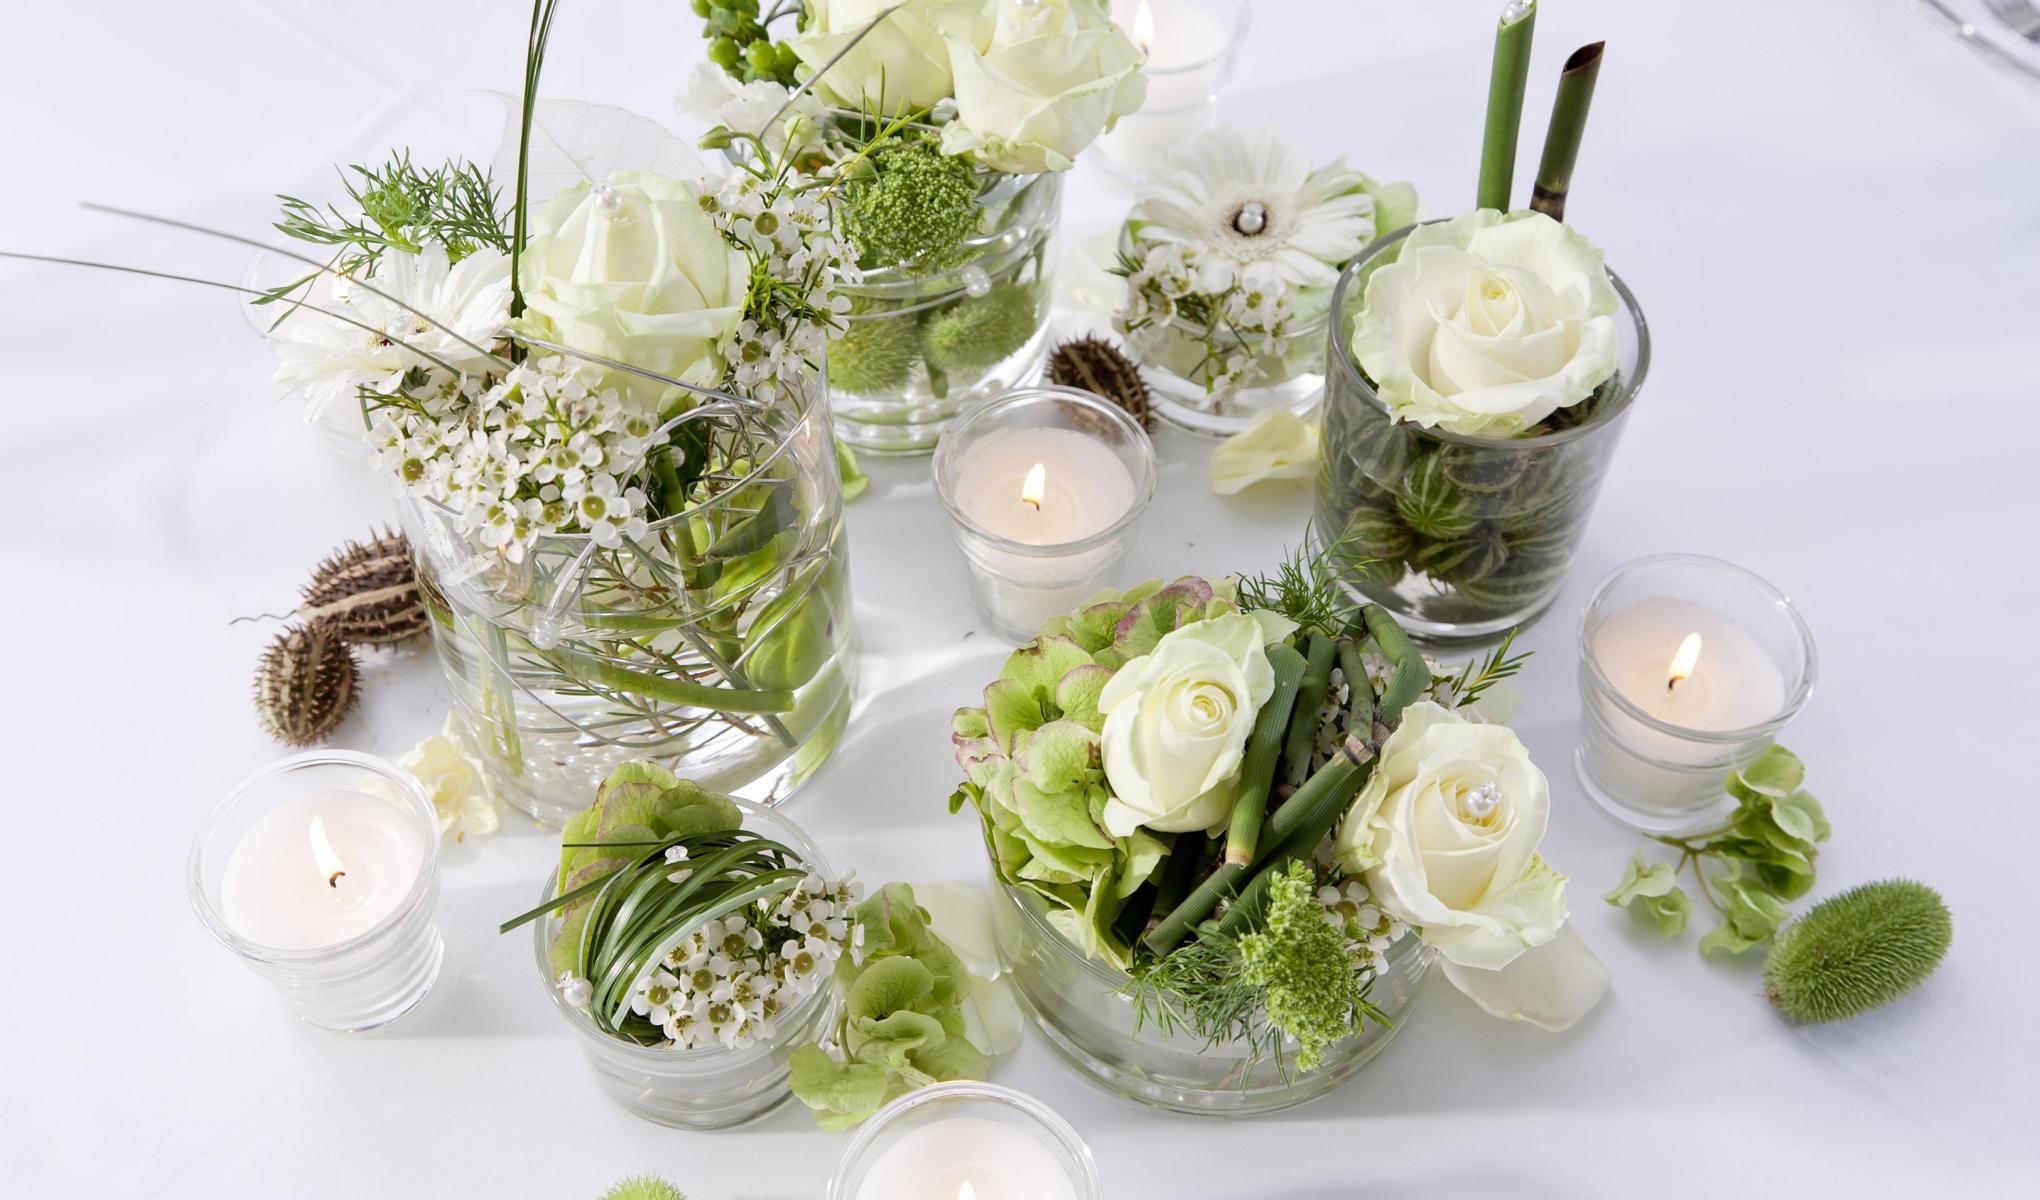 Hochzeit Blumen Tischdeko  BLUMEN TISCHDEKO HOCHZEIT BILDER – nxsone45